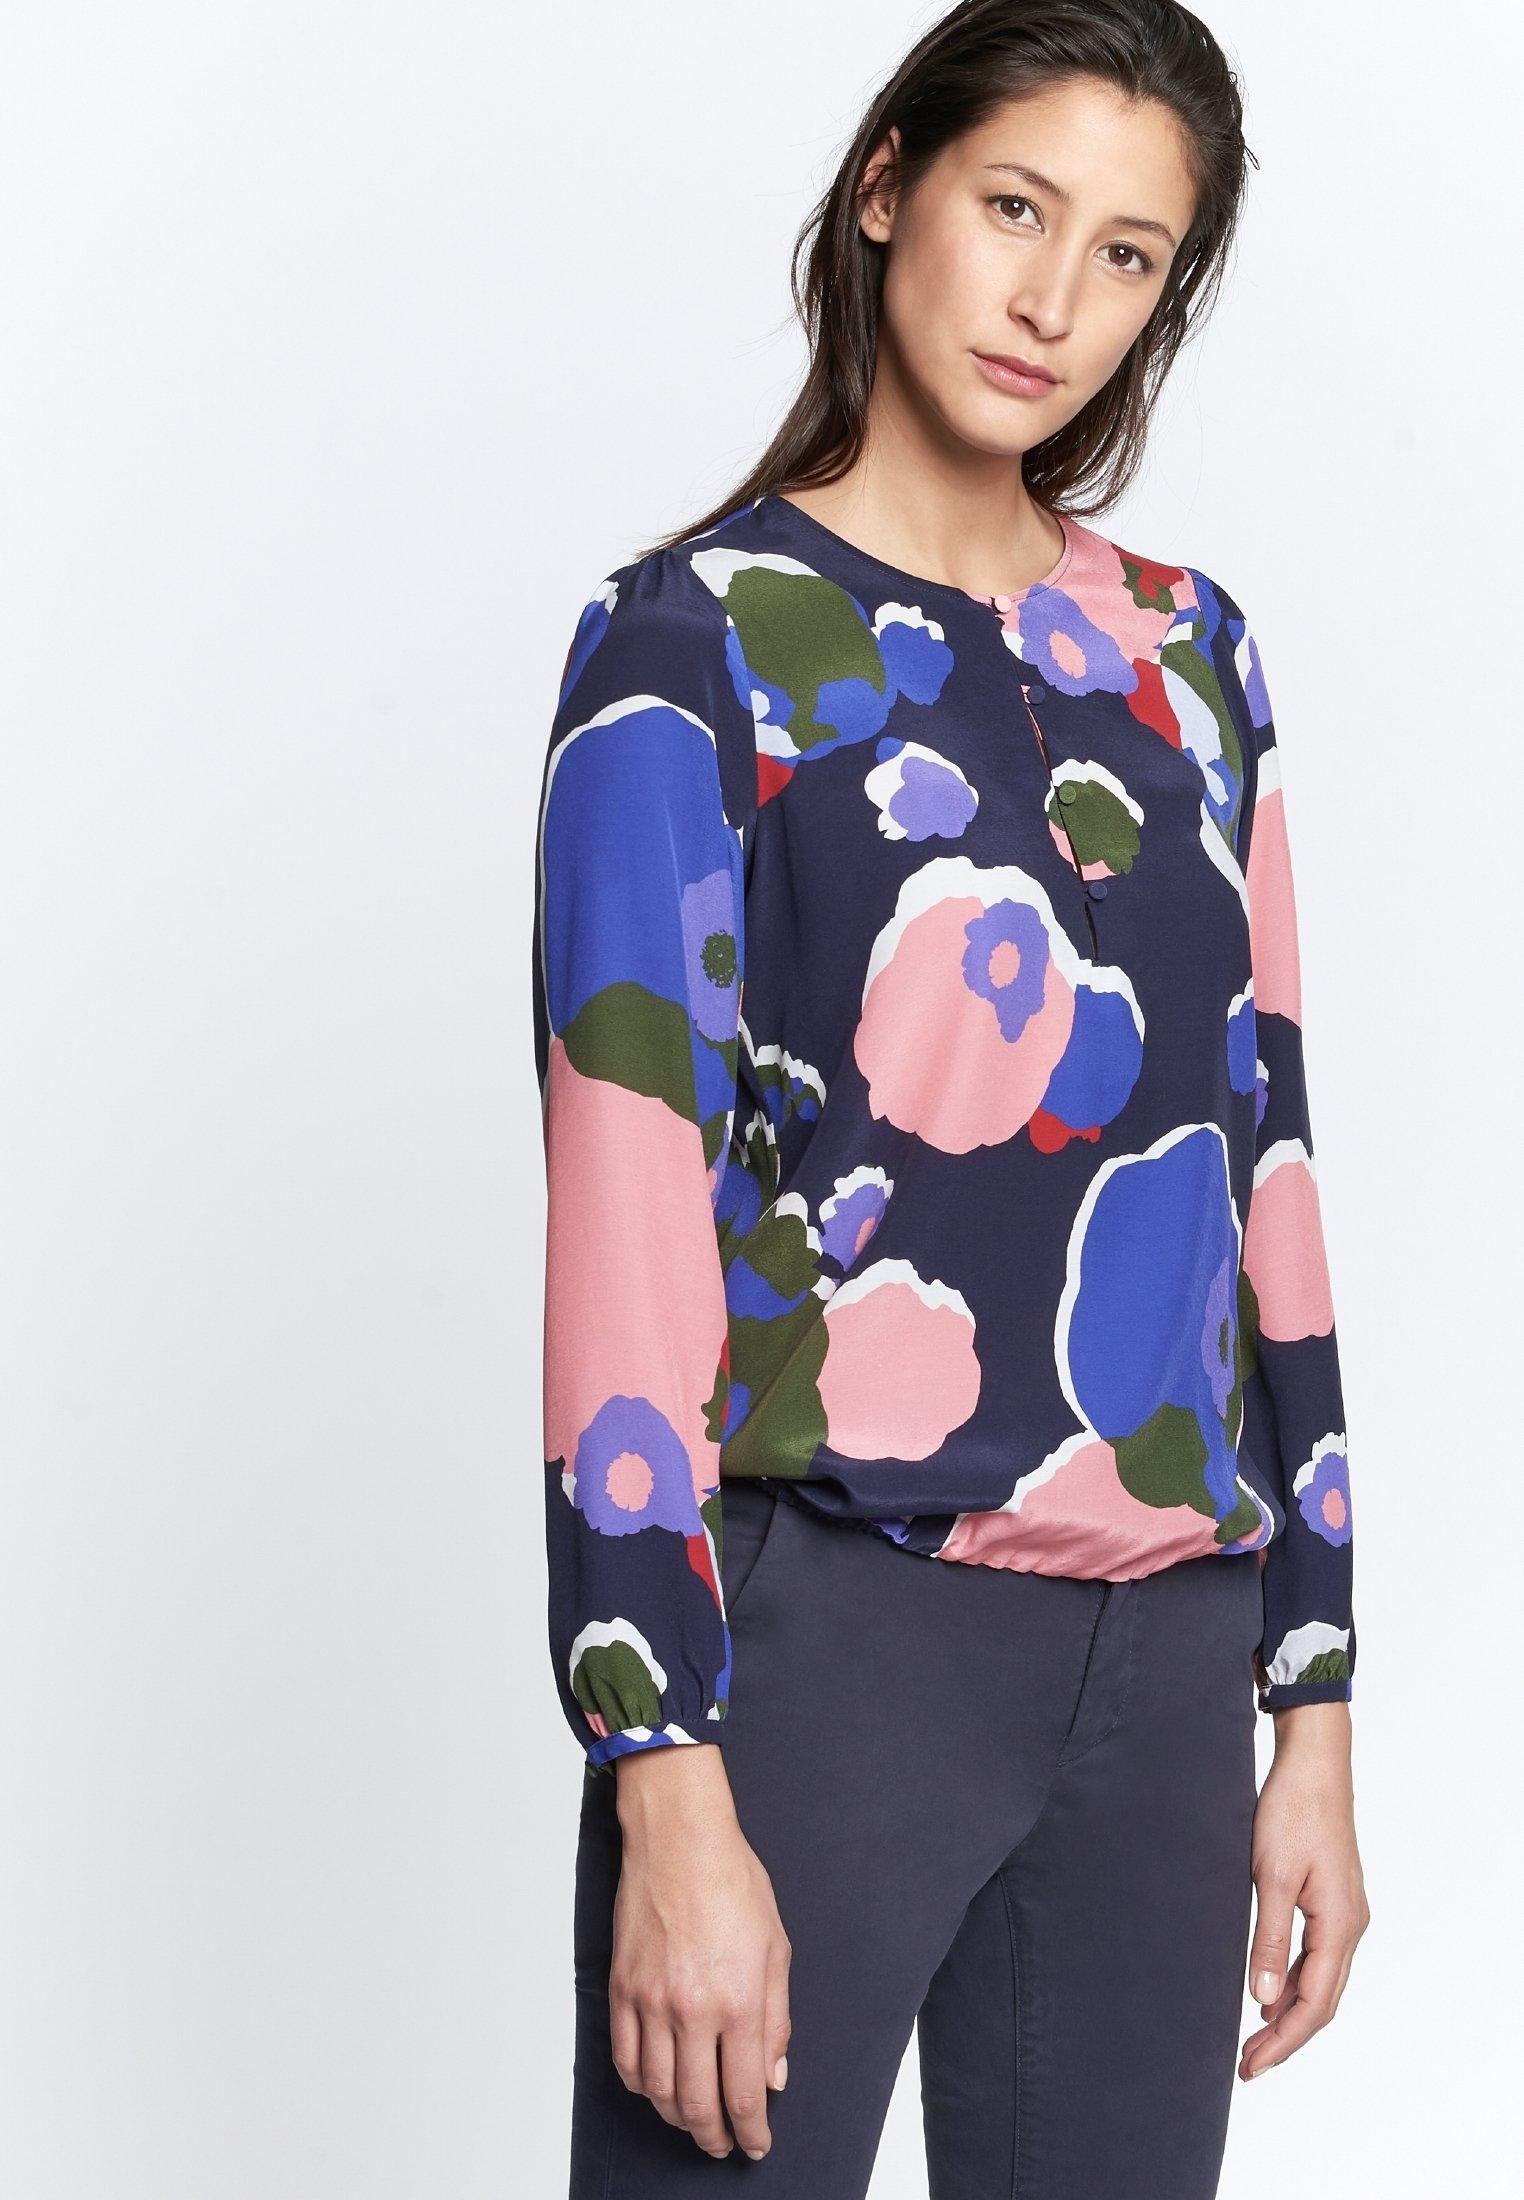 seidensticker shirtblouse Zwarte roos Lange mouwen ronde hals print nu online bestellen